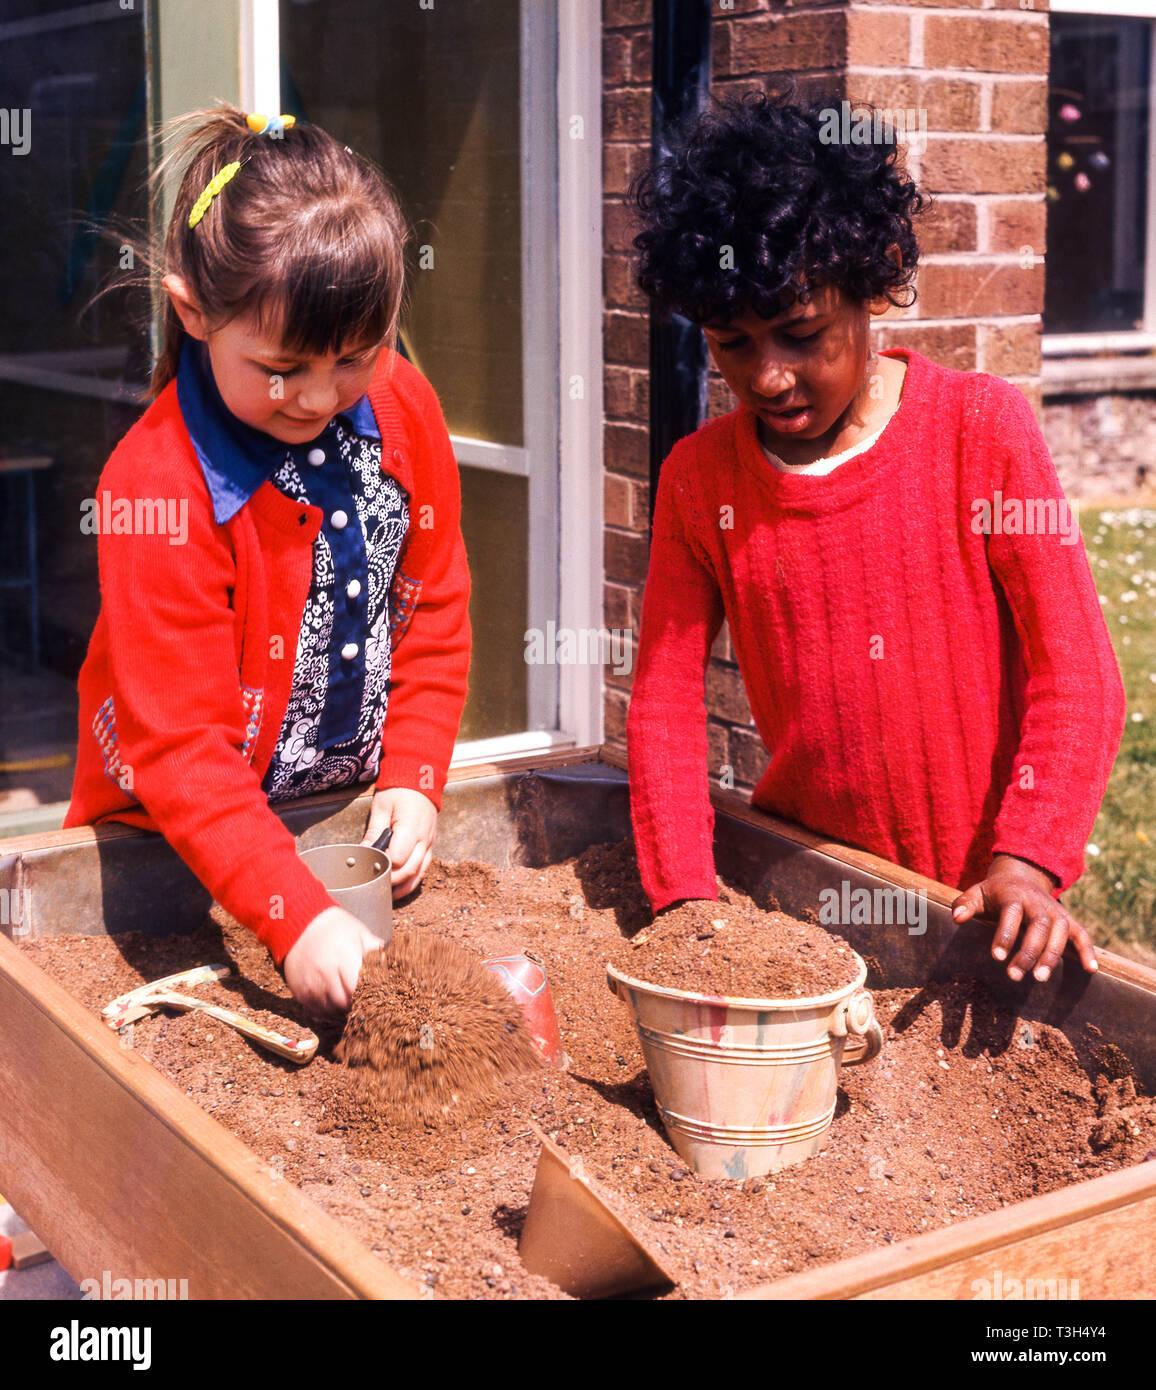 Young Schoolchildren on outdoor activities - Stock Image